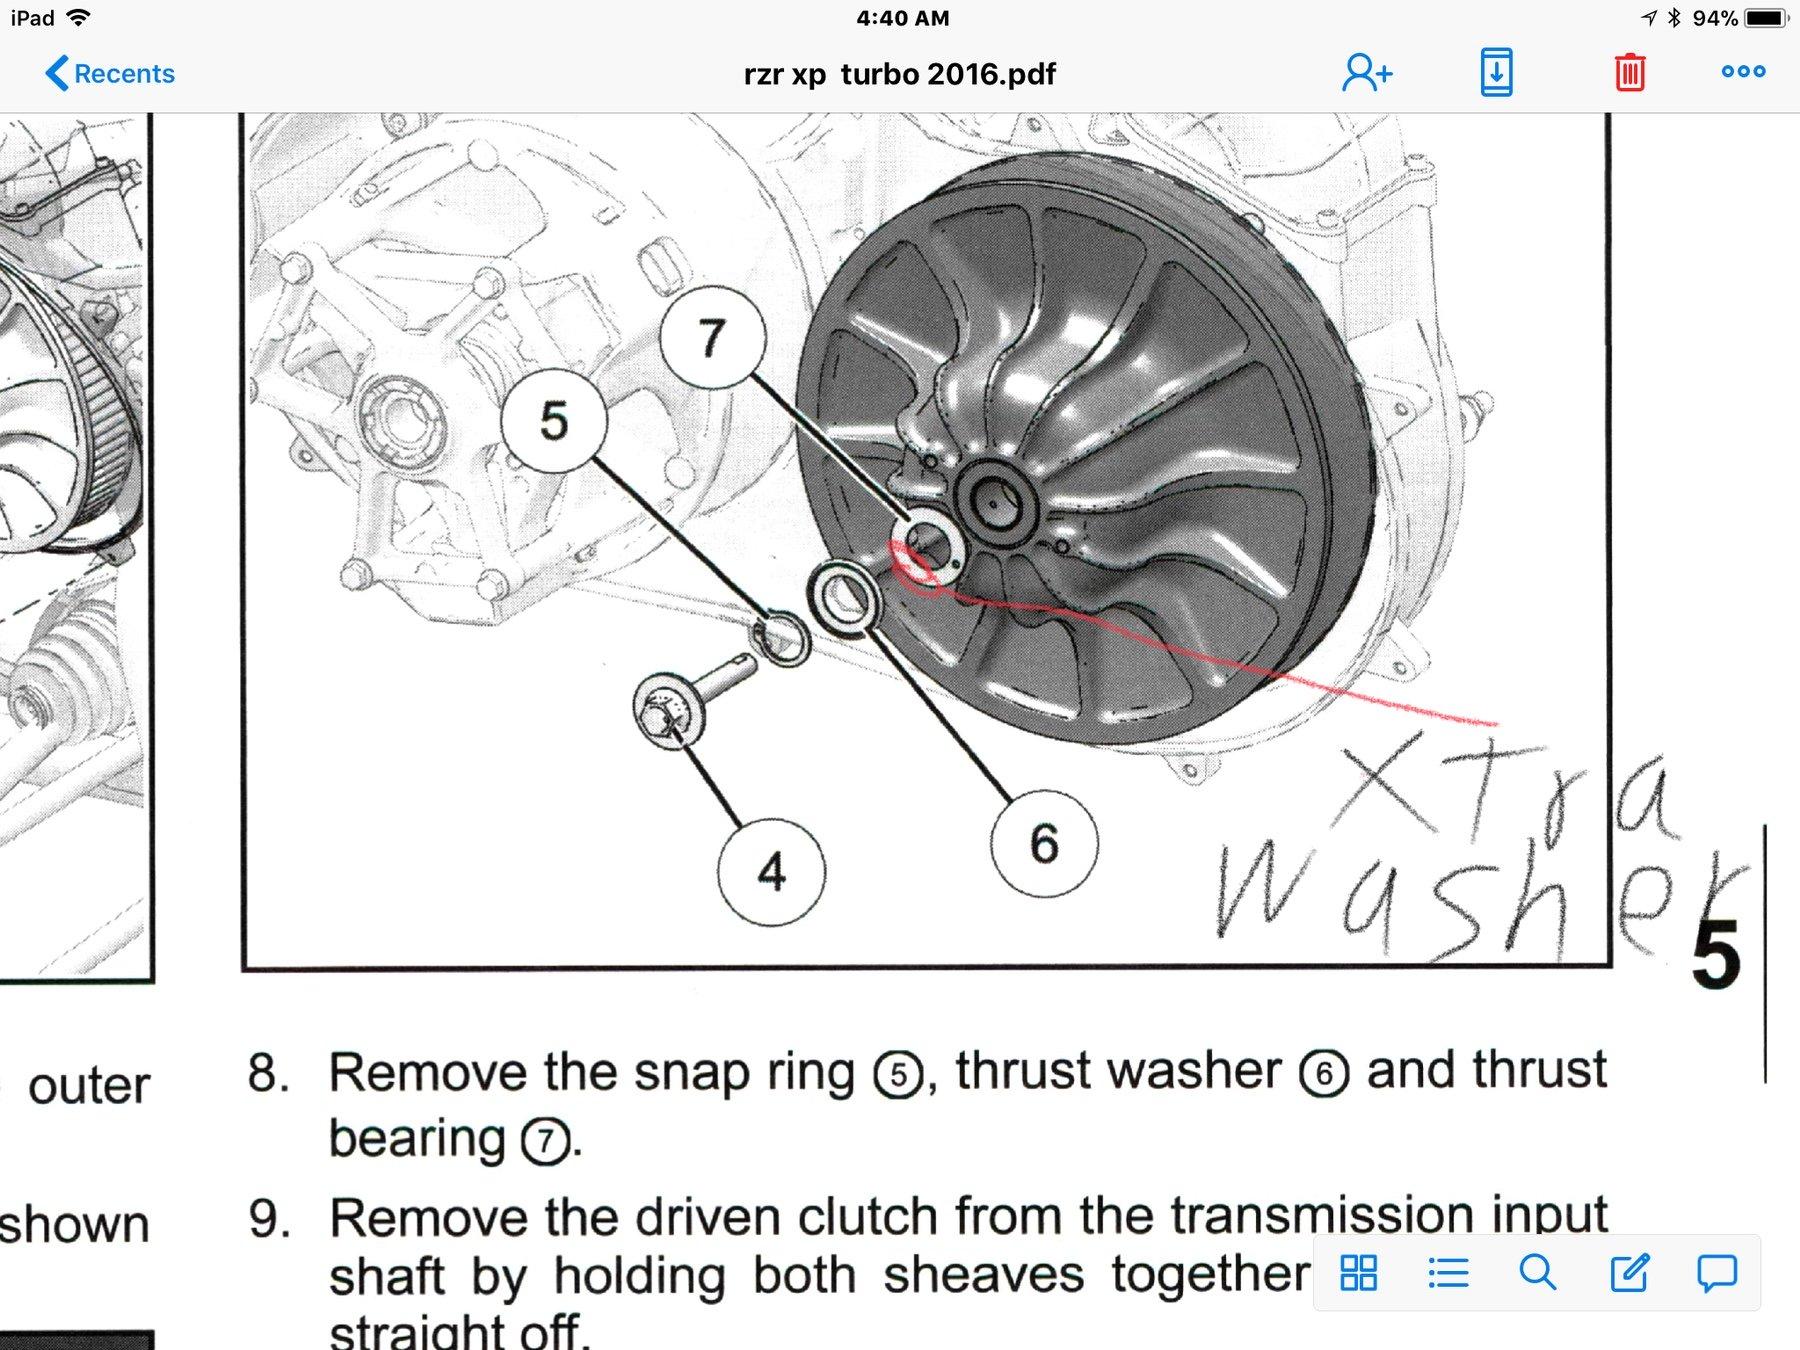 Dune 2 Manual Pdf. Kostenlose Downloads auf Kindle für Ipad